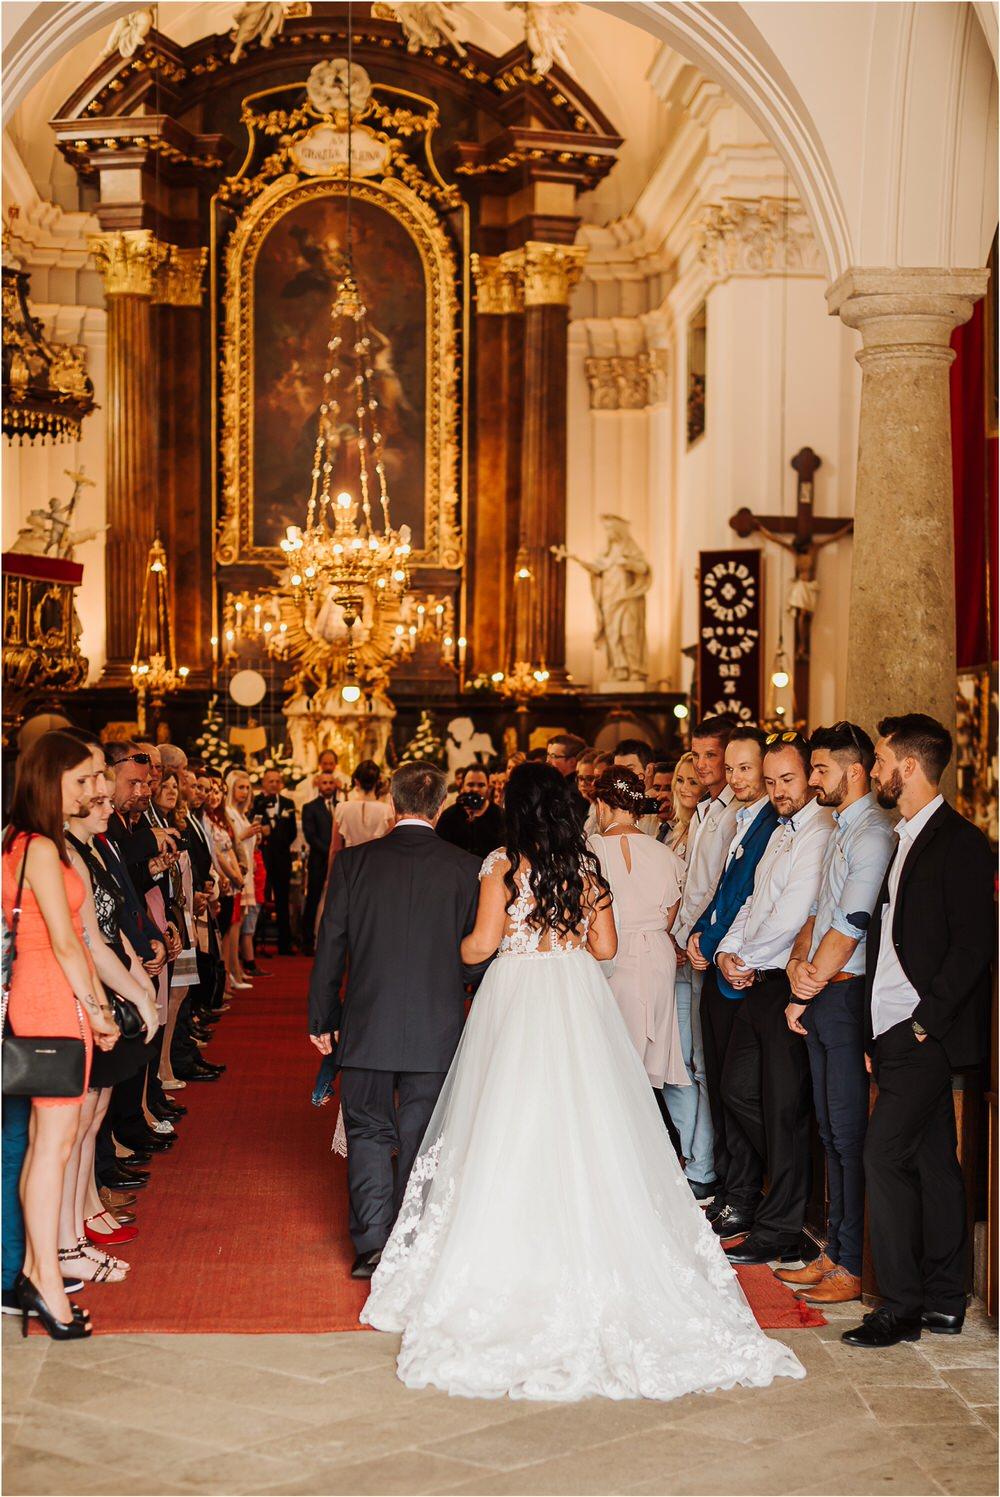 skedenj poroka porocni fotograf fotografiranje elegantna poroka rustikalna poroka pod kozolcem pcakes velesovo mdetail nika grega 0029.jpg